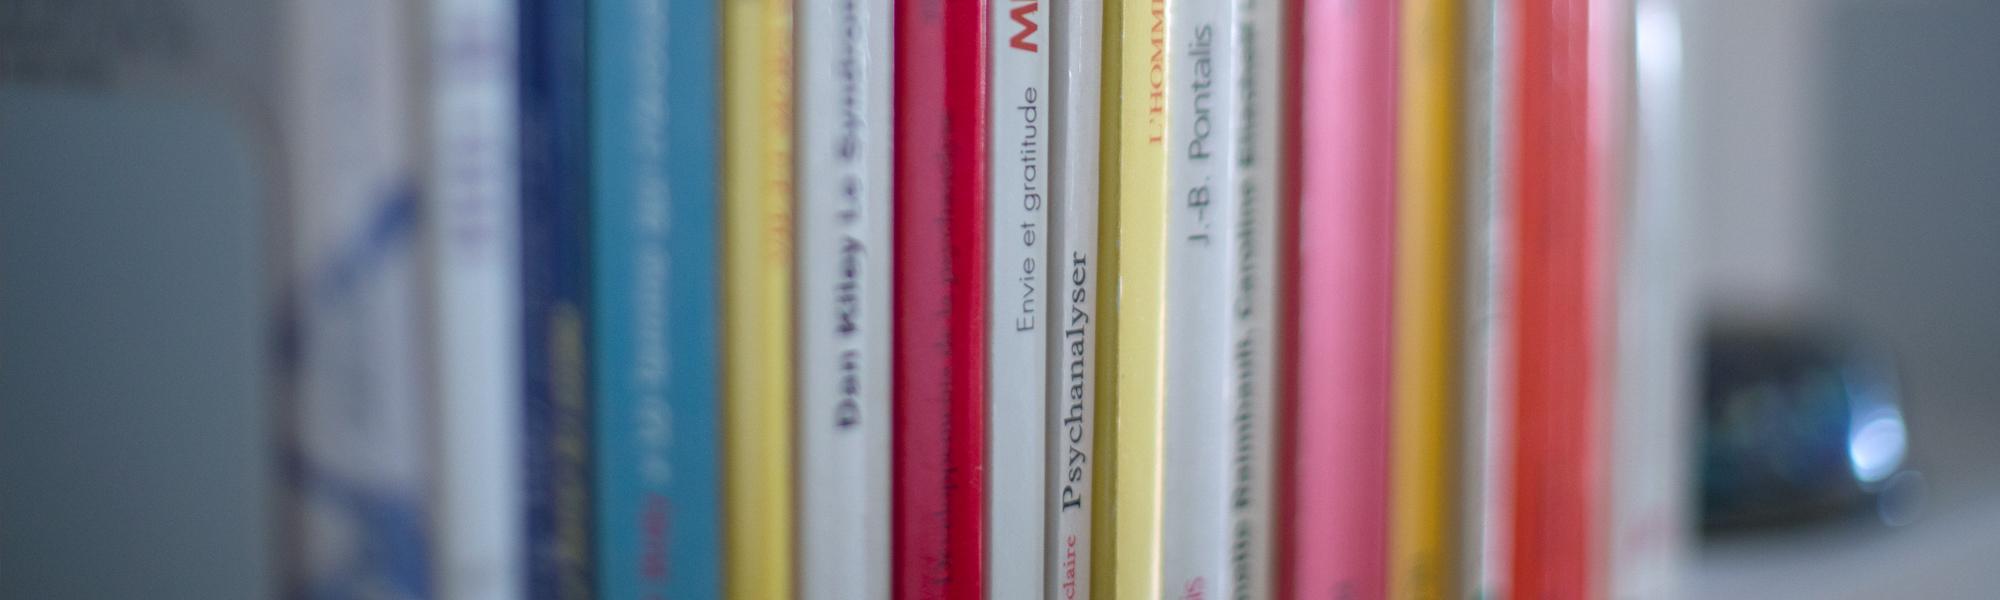 Photo du cabinet avec des livres